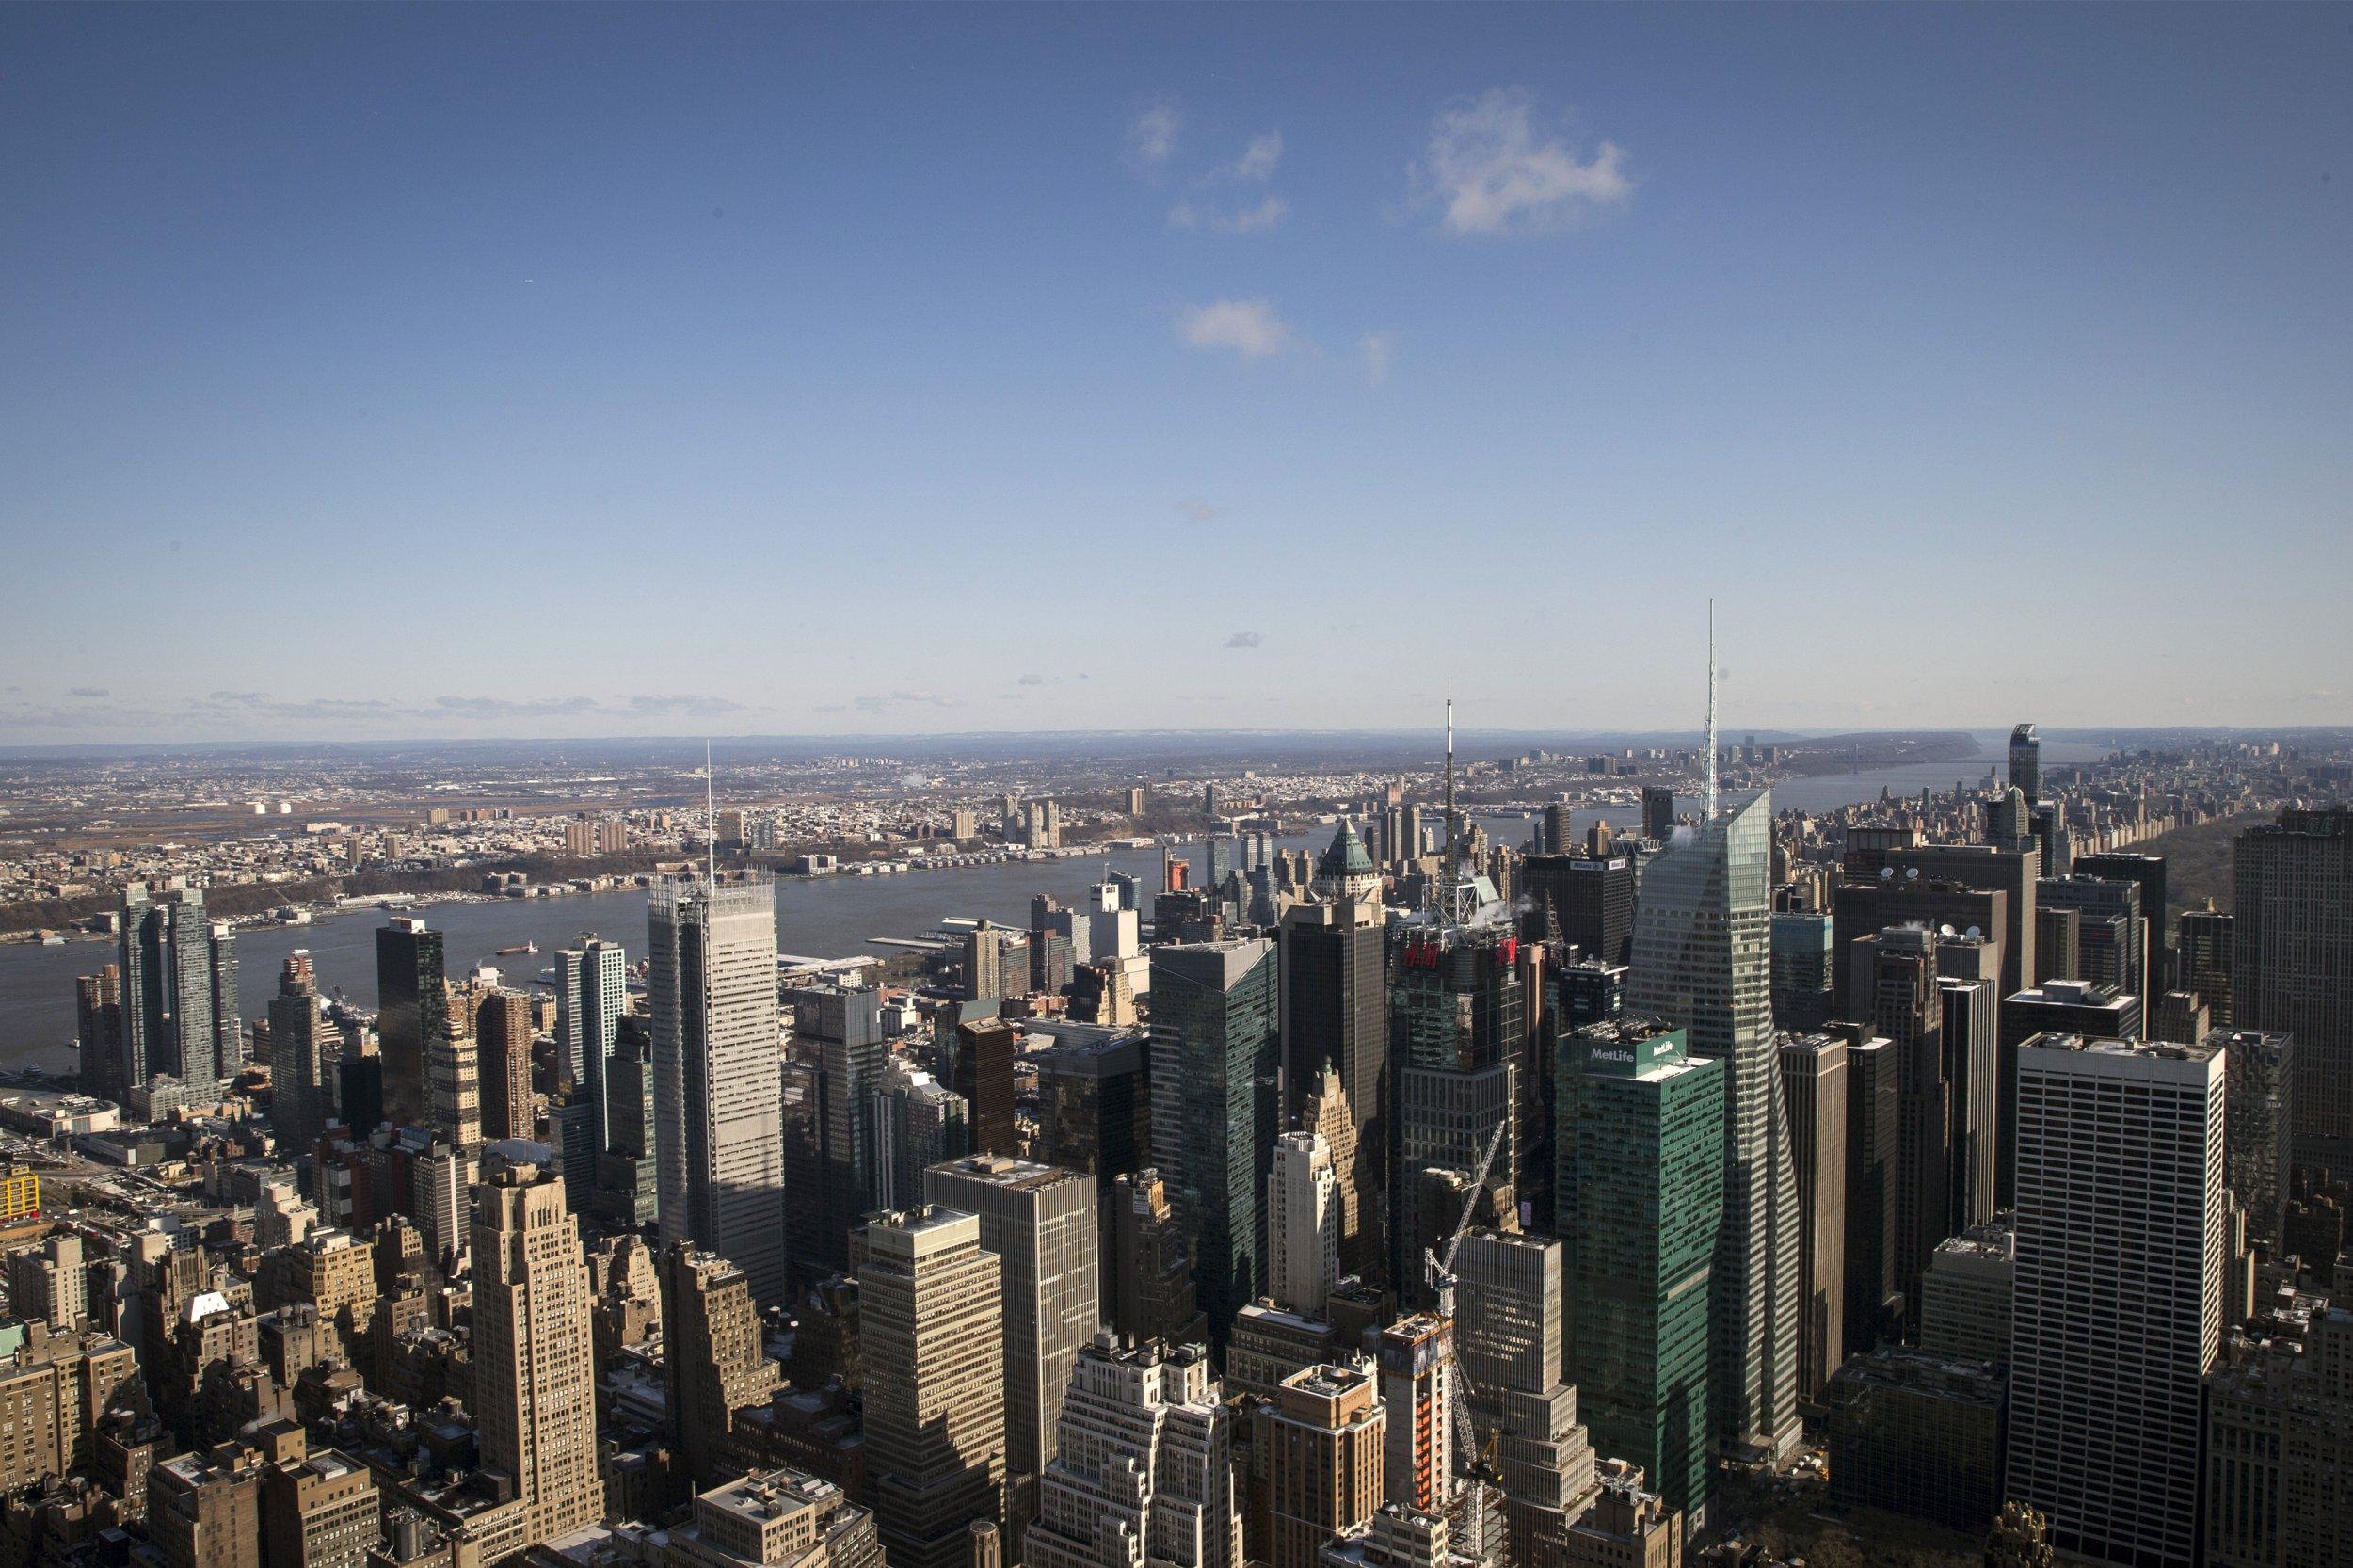 REUTERS/Brendan McDermid & New York City Approves u0027Poor Dooru0027 for Luxury Apartment Building